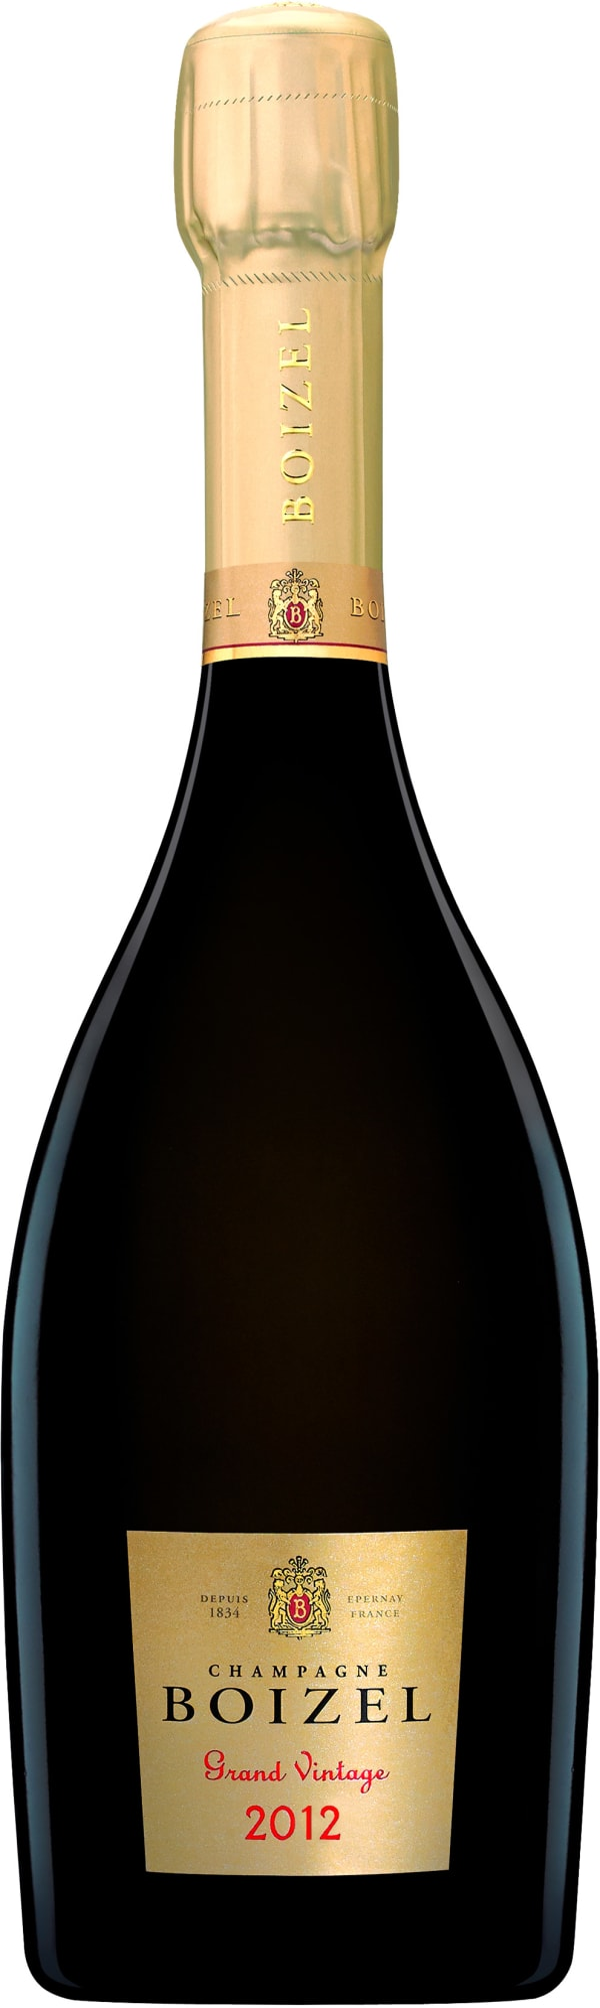 Boizel Grand Vintage Champagne Brut 2007